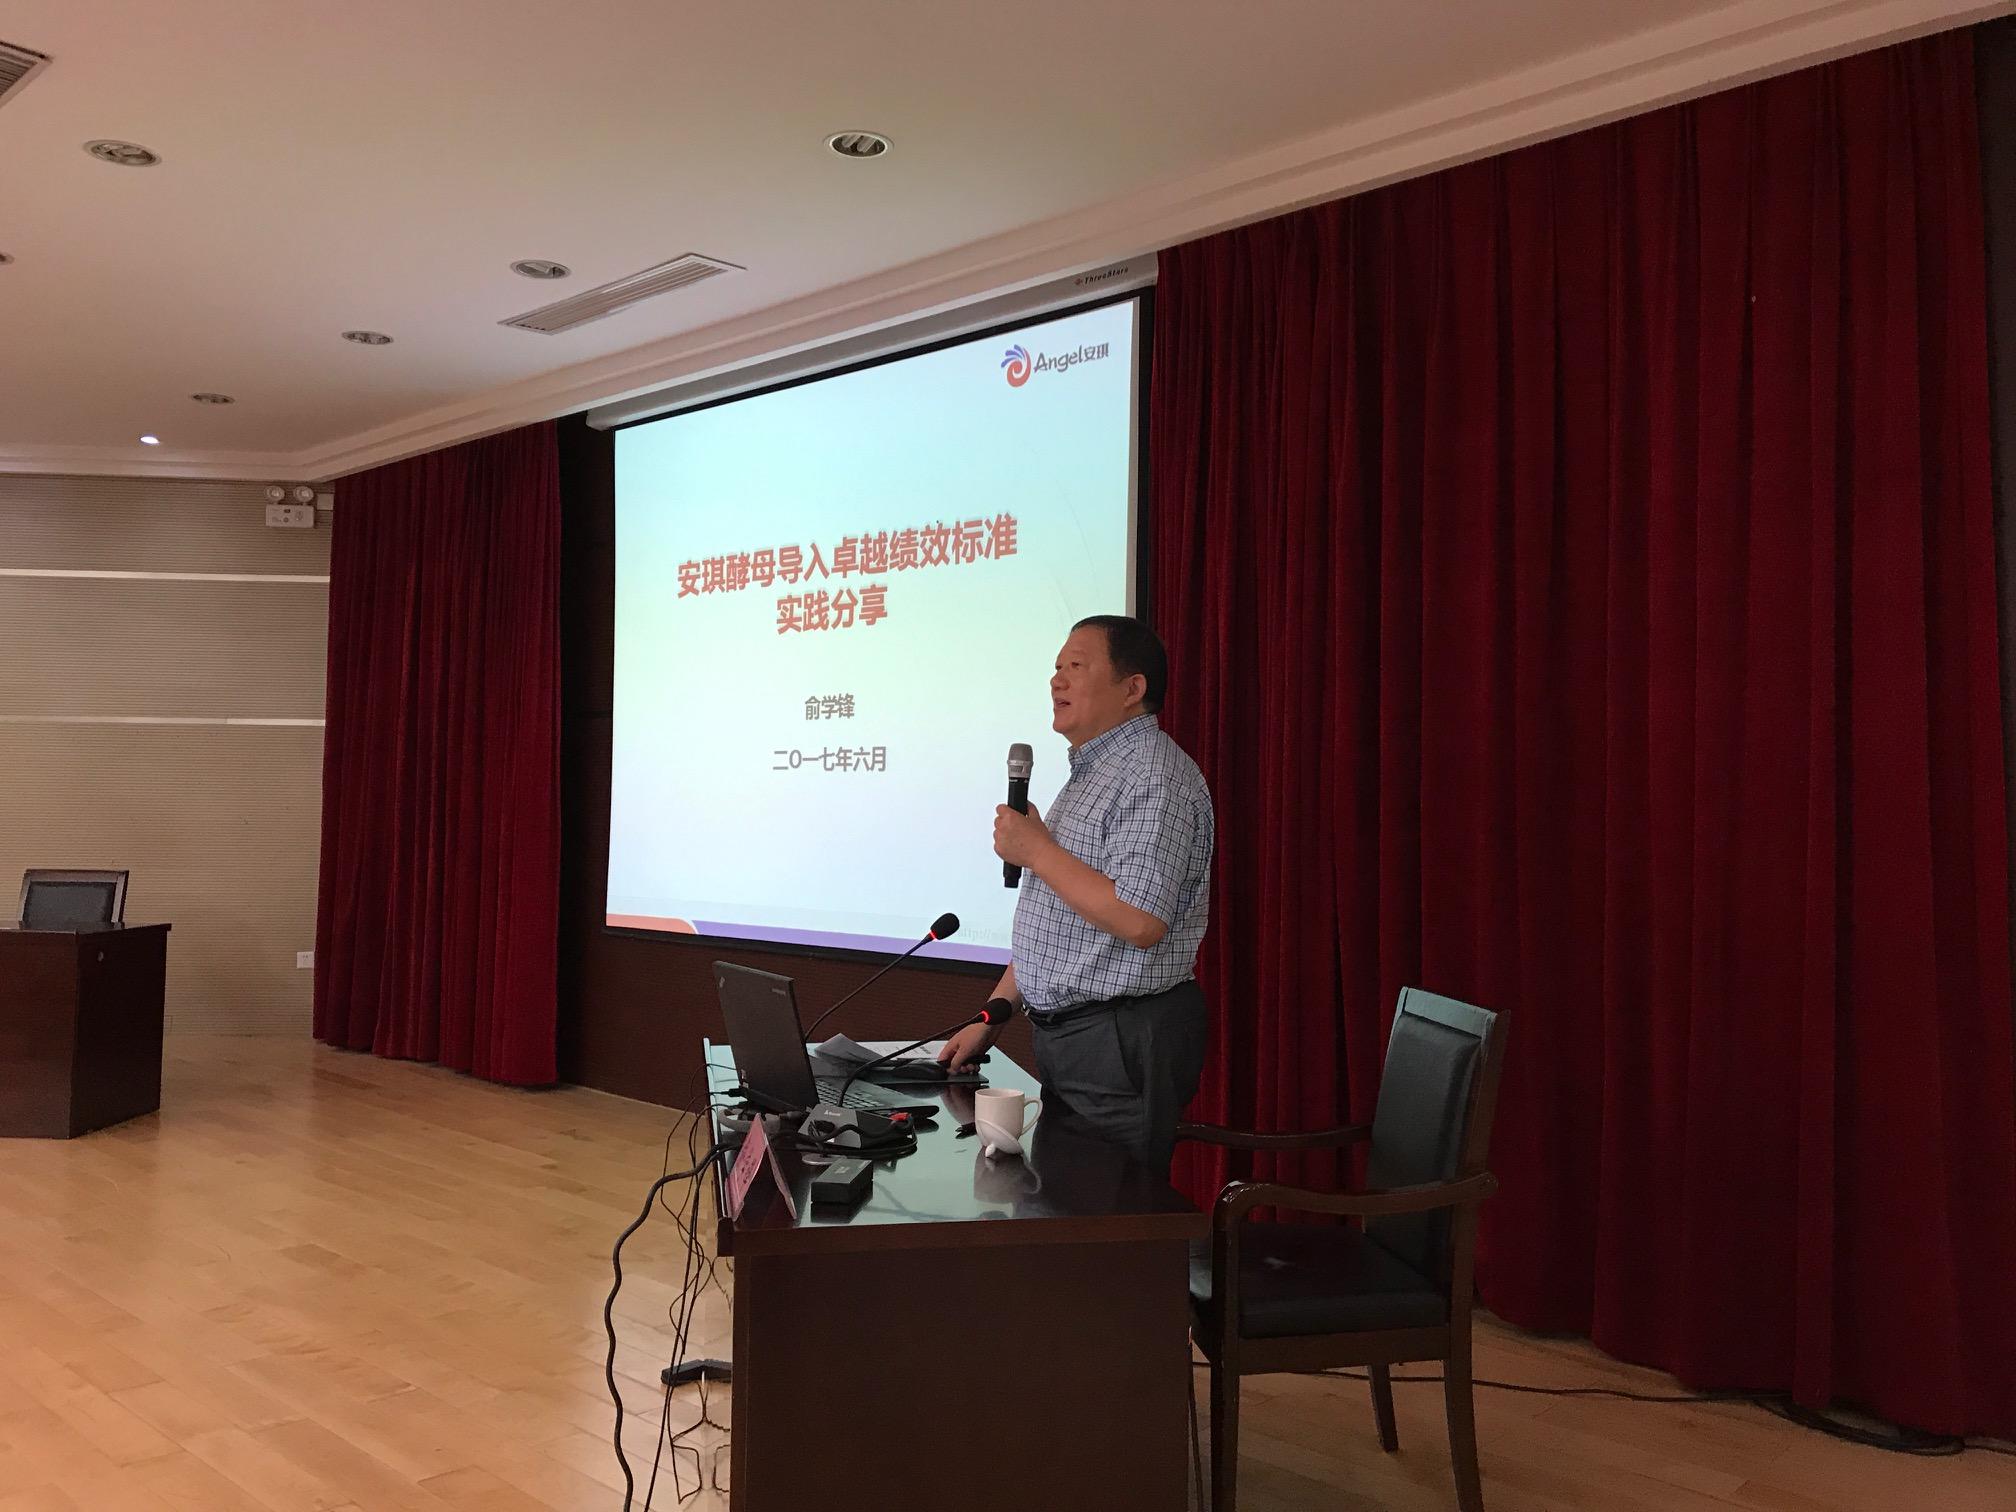 俞学锋在质量强省战略专题研讨班上分享卓越绩效经验